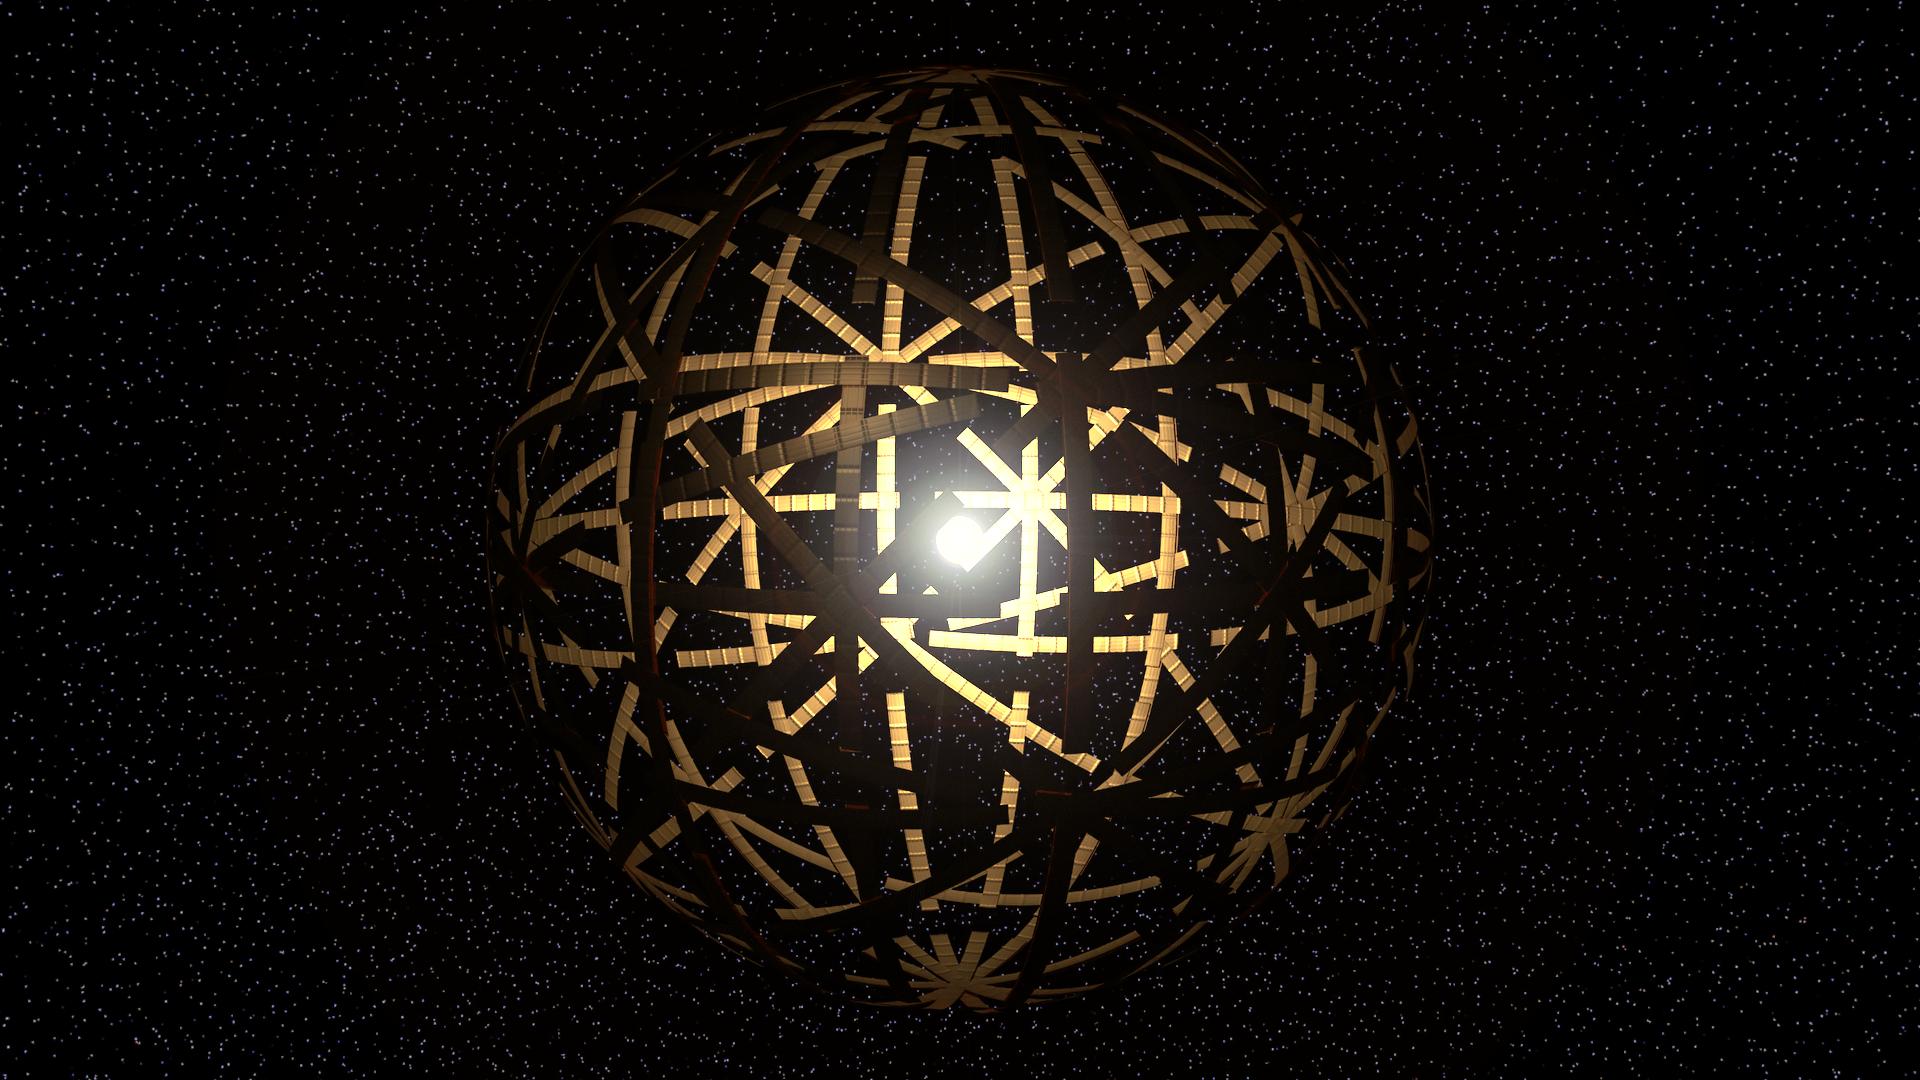 tło nagłówka wartykule oSferach Dysona okalających czarne dziury